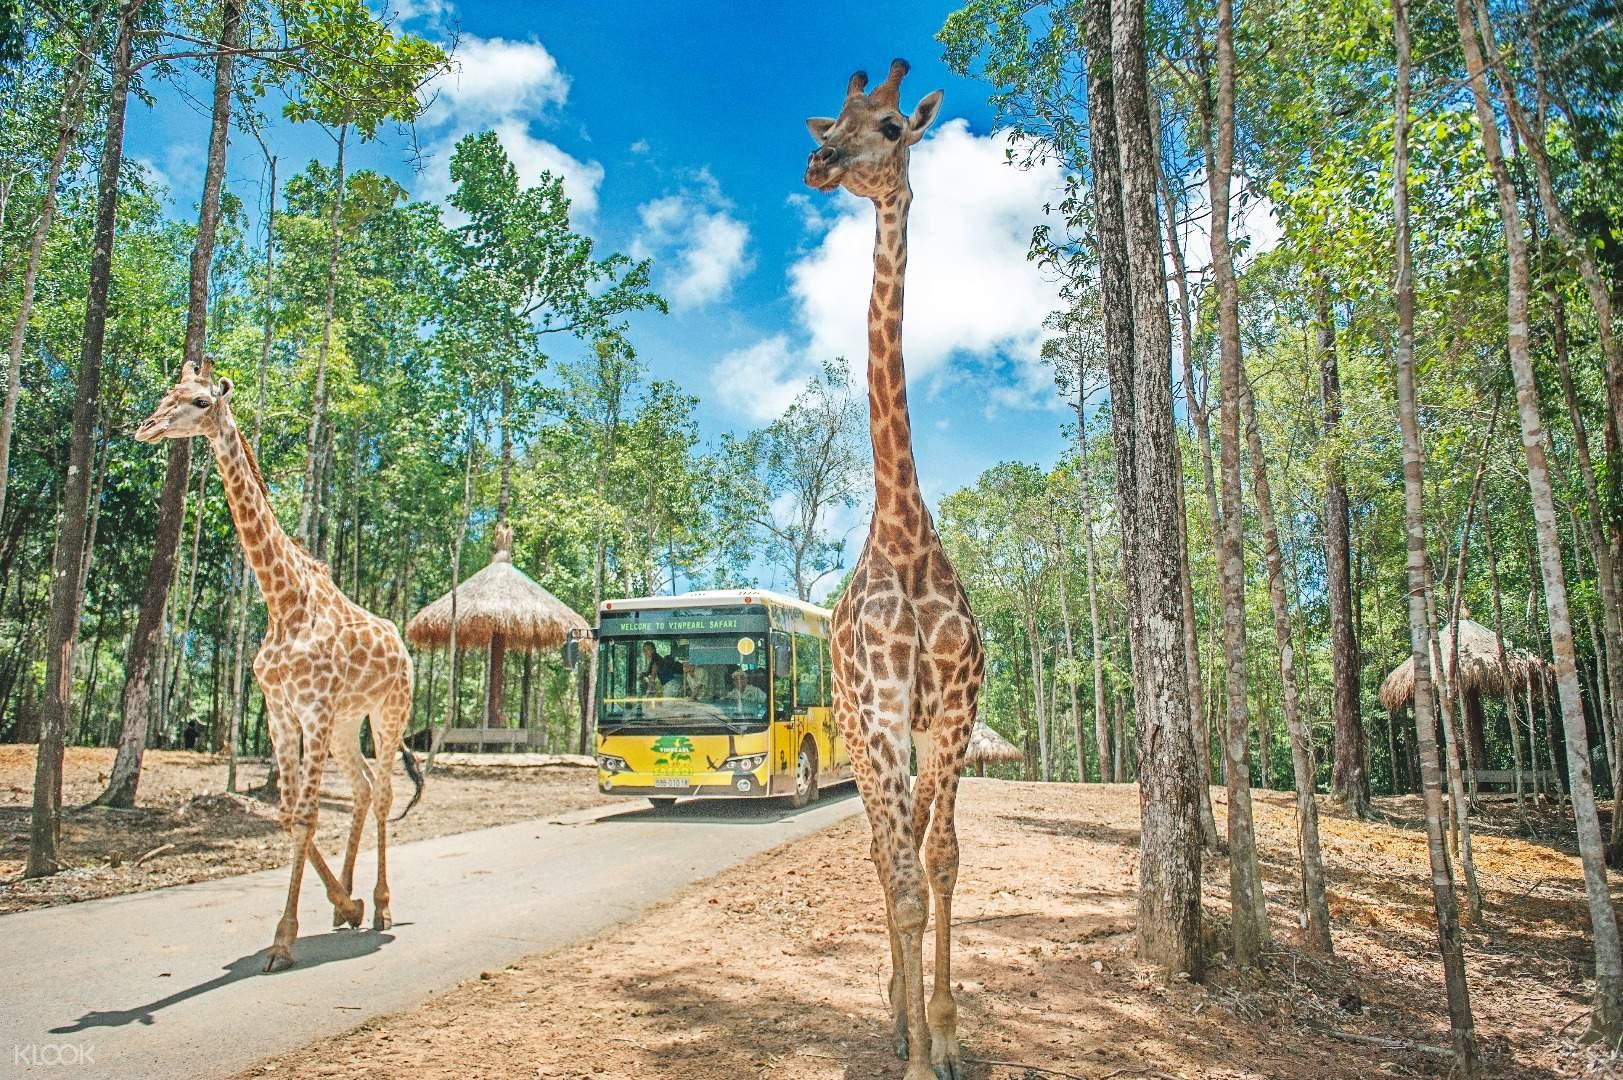 Kinh nghiệm đi Safari Phú Quốc | FOCUS ASIA TRAVEL